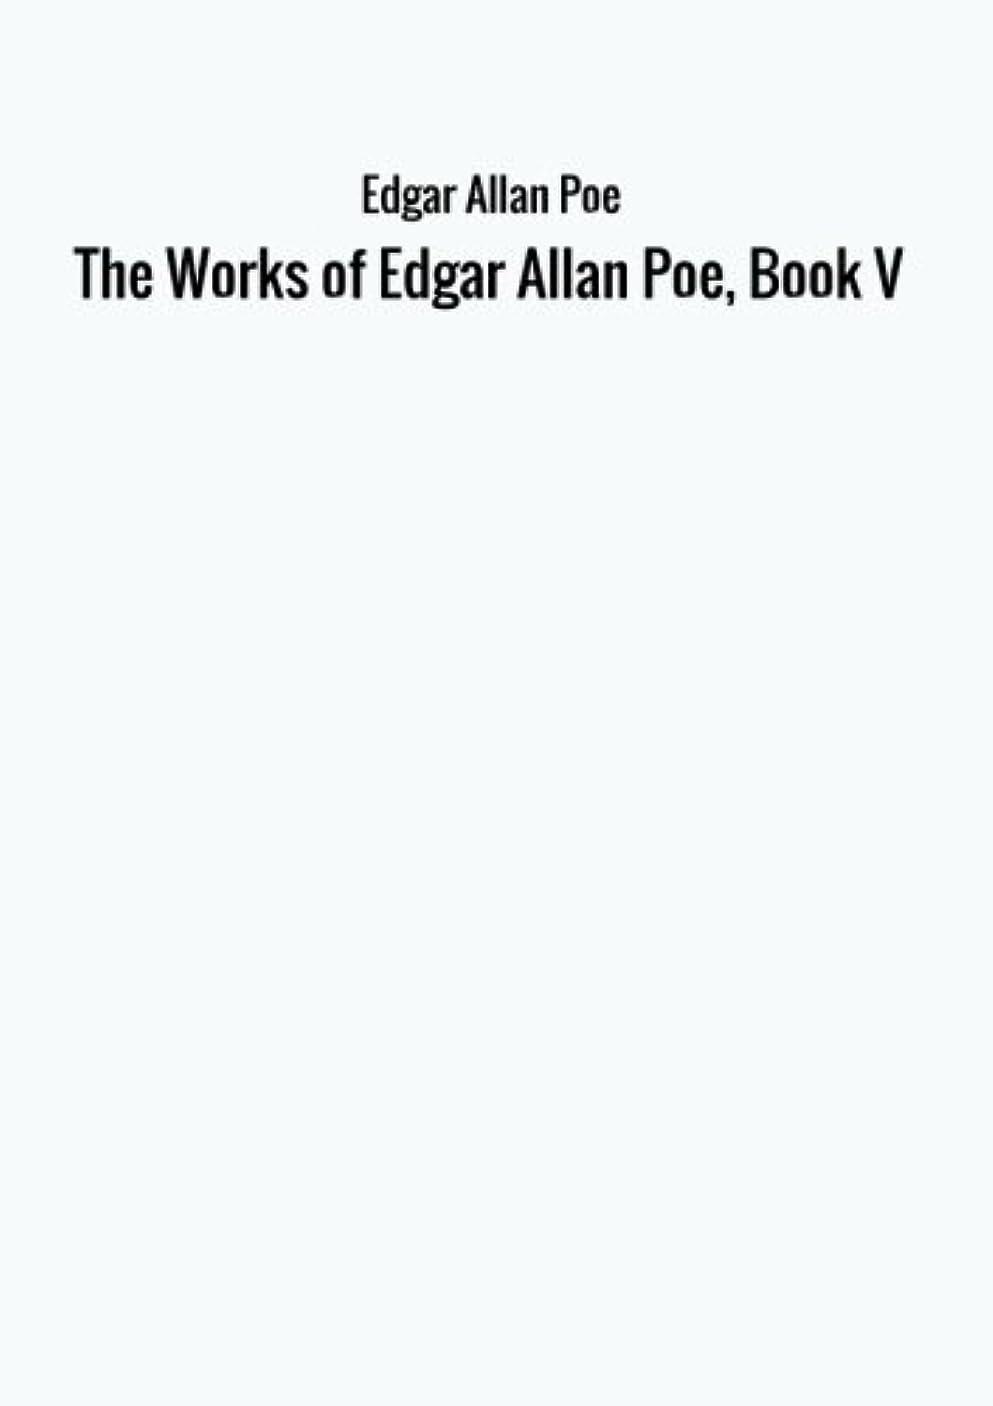 フェードアウト困難カメThe Works of Edgar Allan Poe, Book V